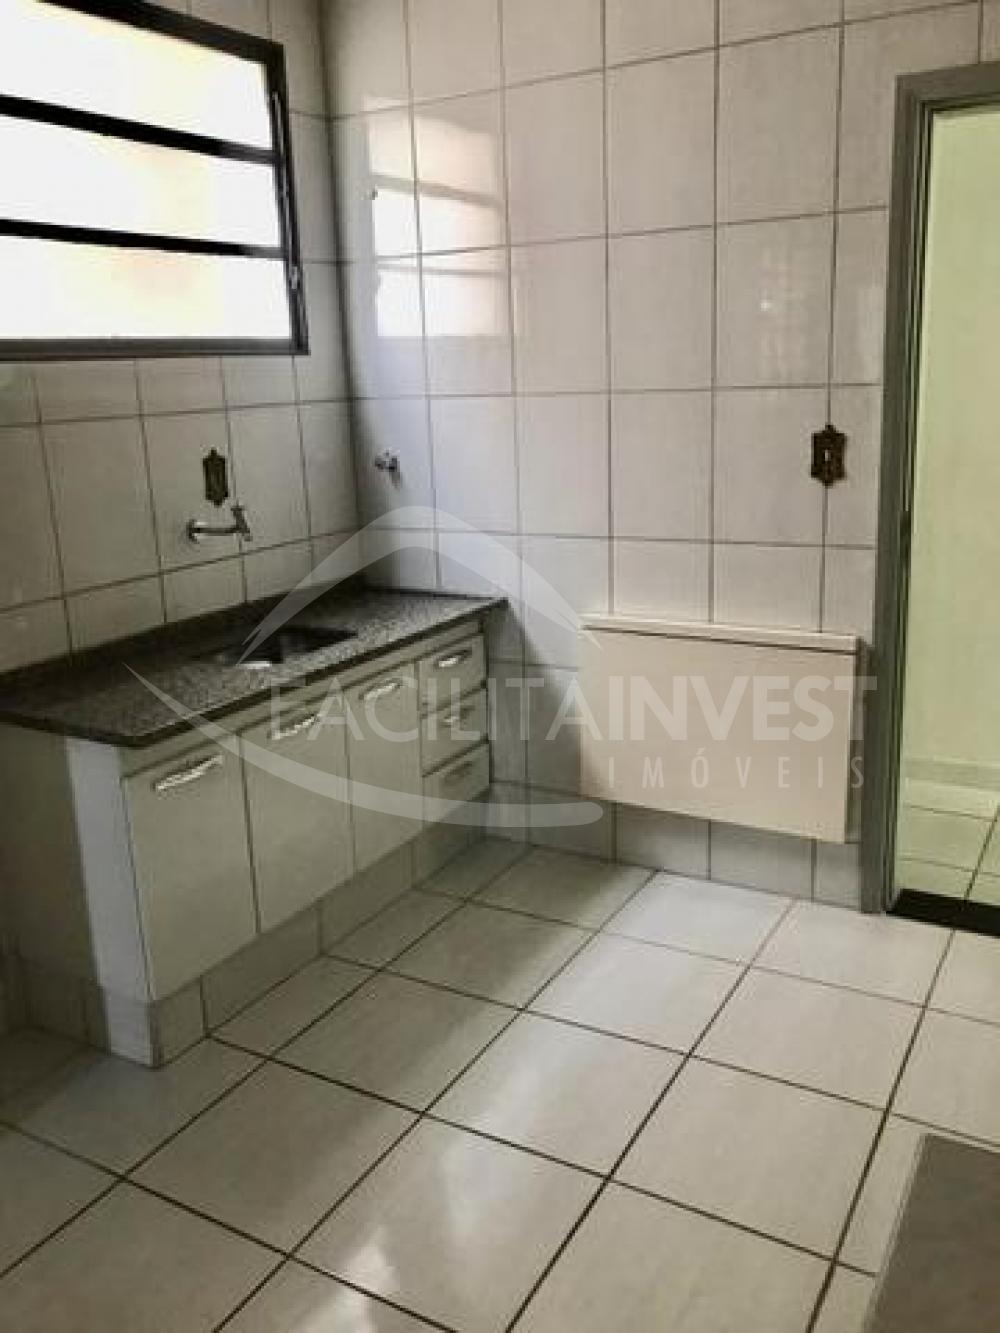 Comprar Apartamentos / Apart. Padrão em Ribeirão Preto apenas R$ 230.000,00 - Foto 6